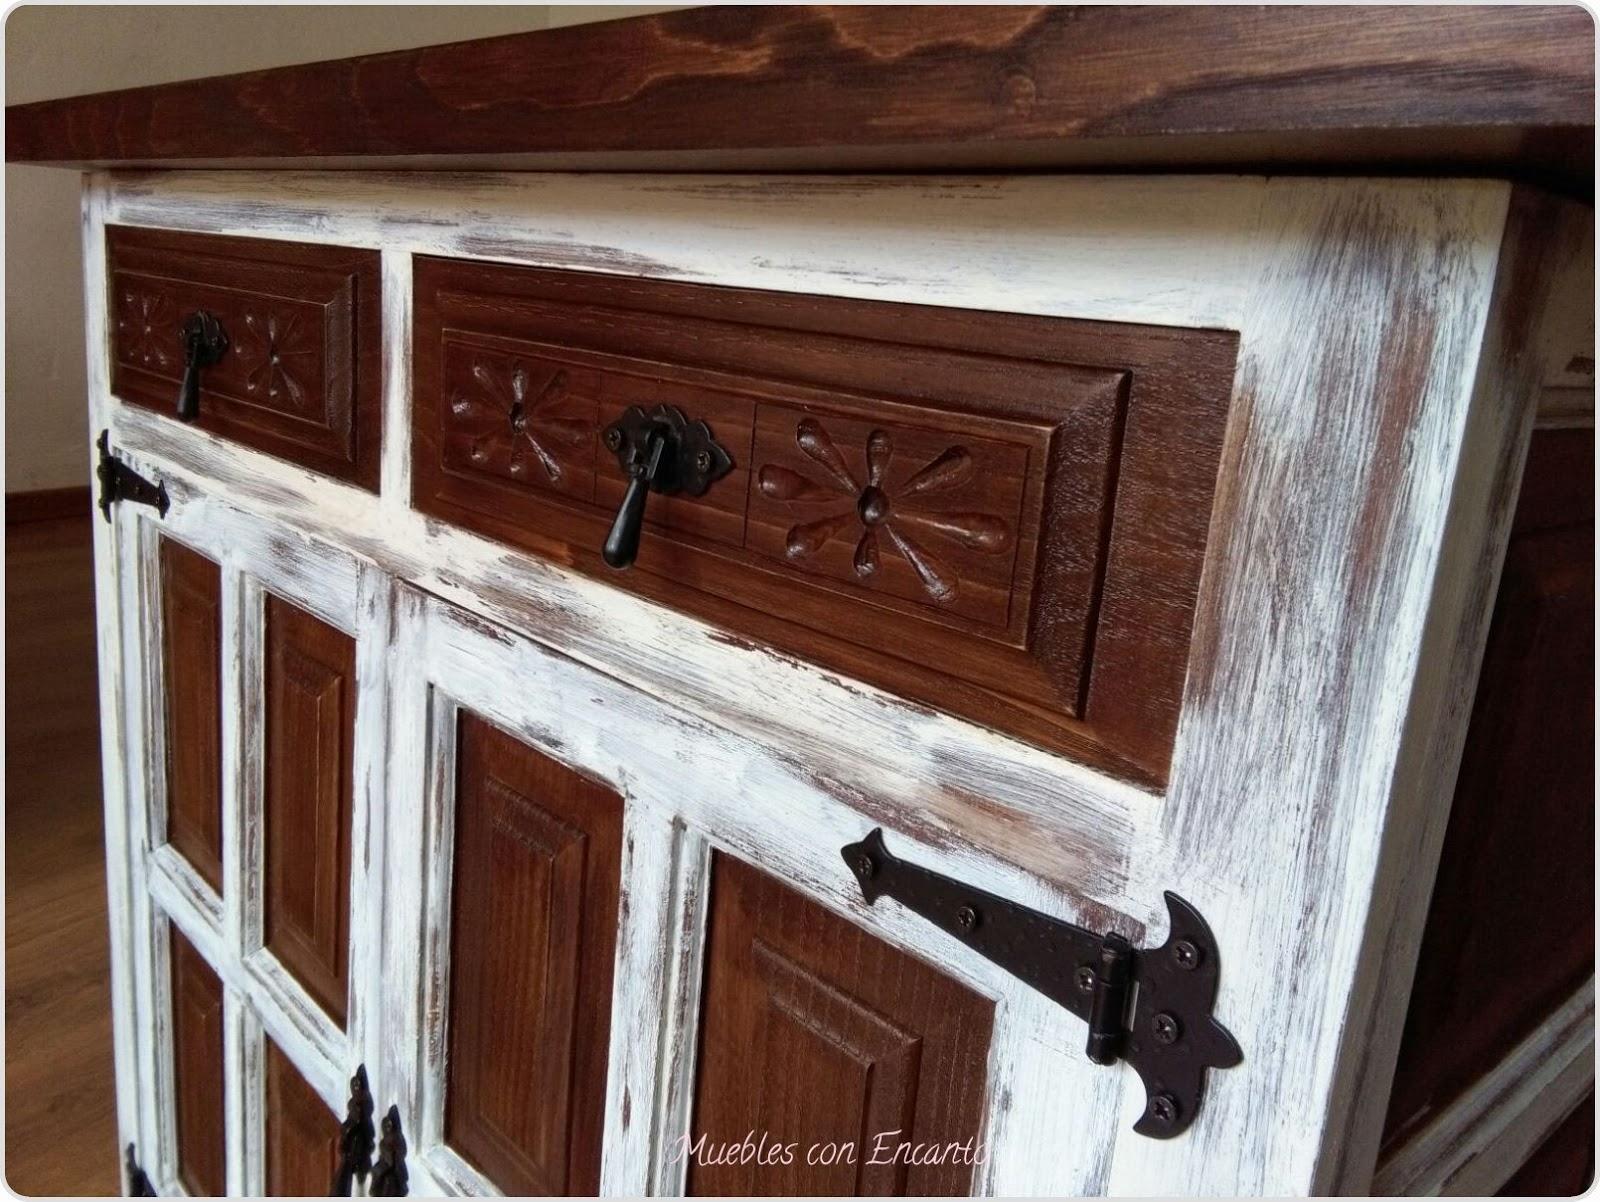 Castellano estilo vintage muebles con encanto - Muebles con encanto ...